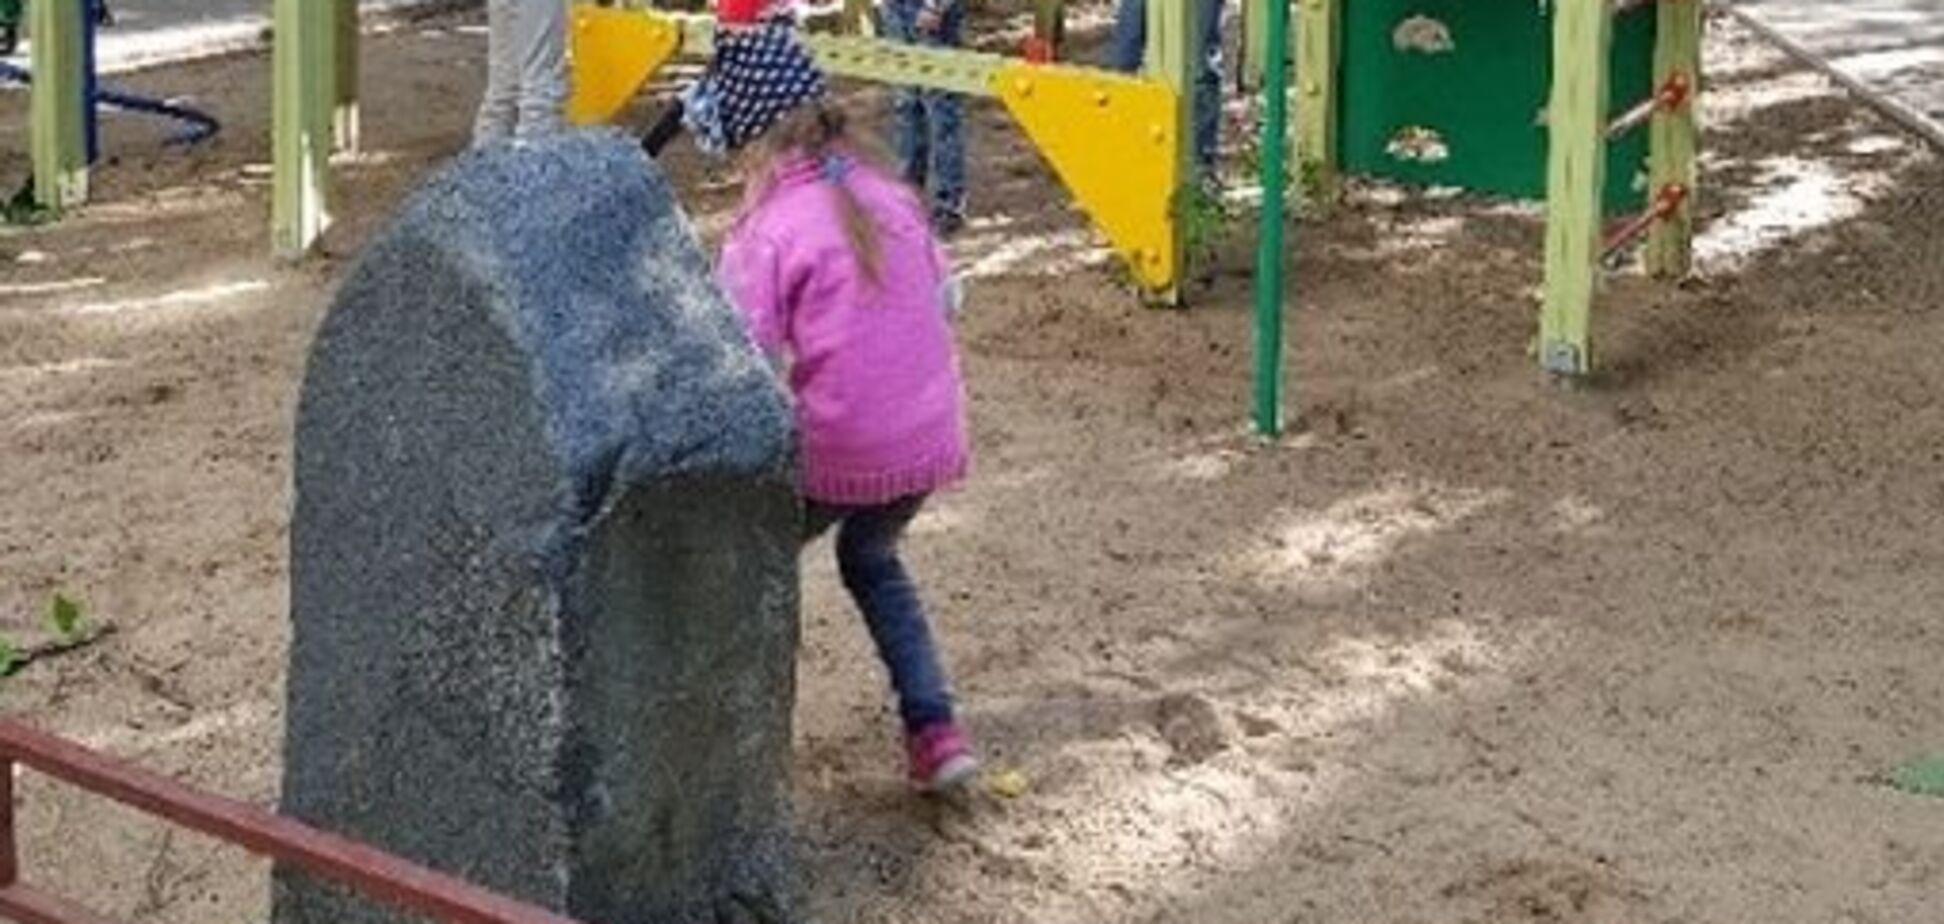 'Дно пробите': у Росії знайшли пам'ятник кримінальному авторитету на дитячому майданчику. Фотофакт